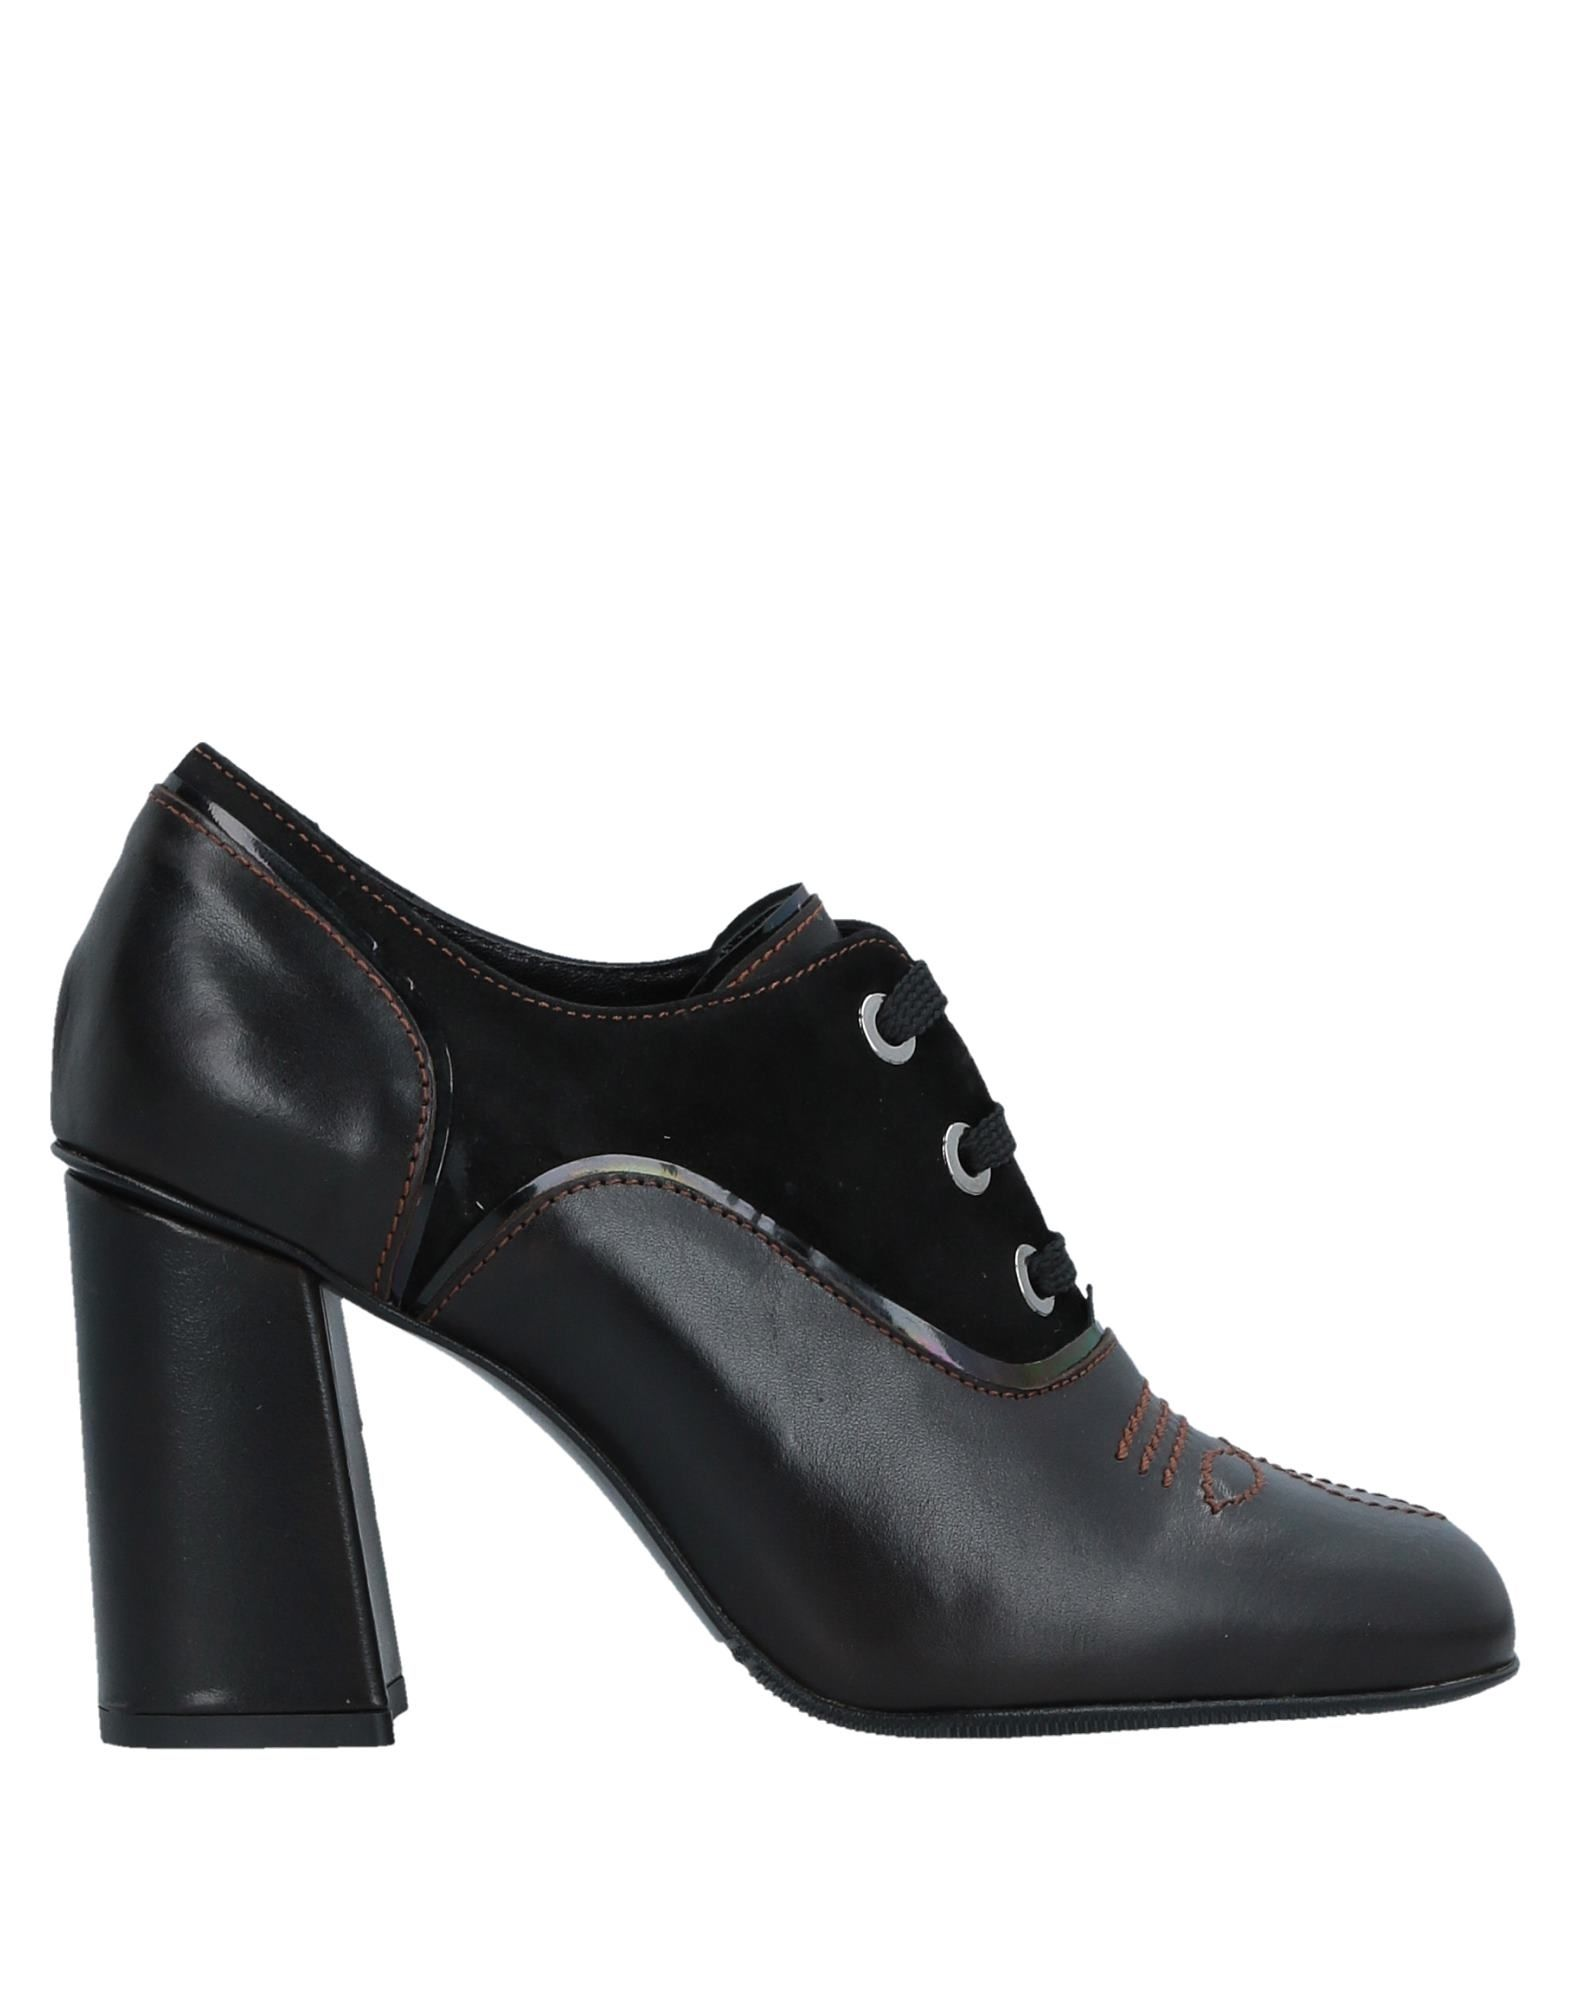 Chaussures À Lacets F.Lli Bruglia Femme - Chaussures À Lacets F.Lli Bruglia   - 11520180HL